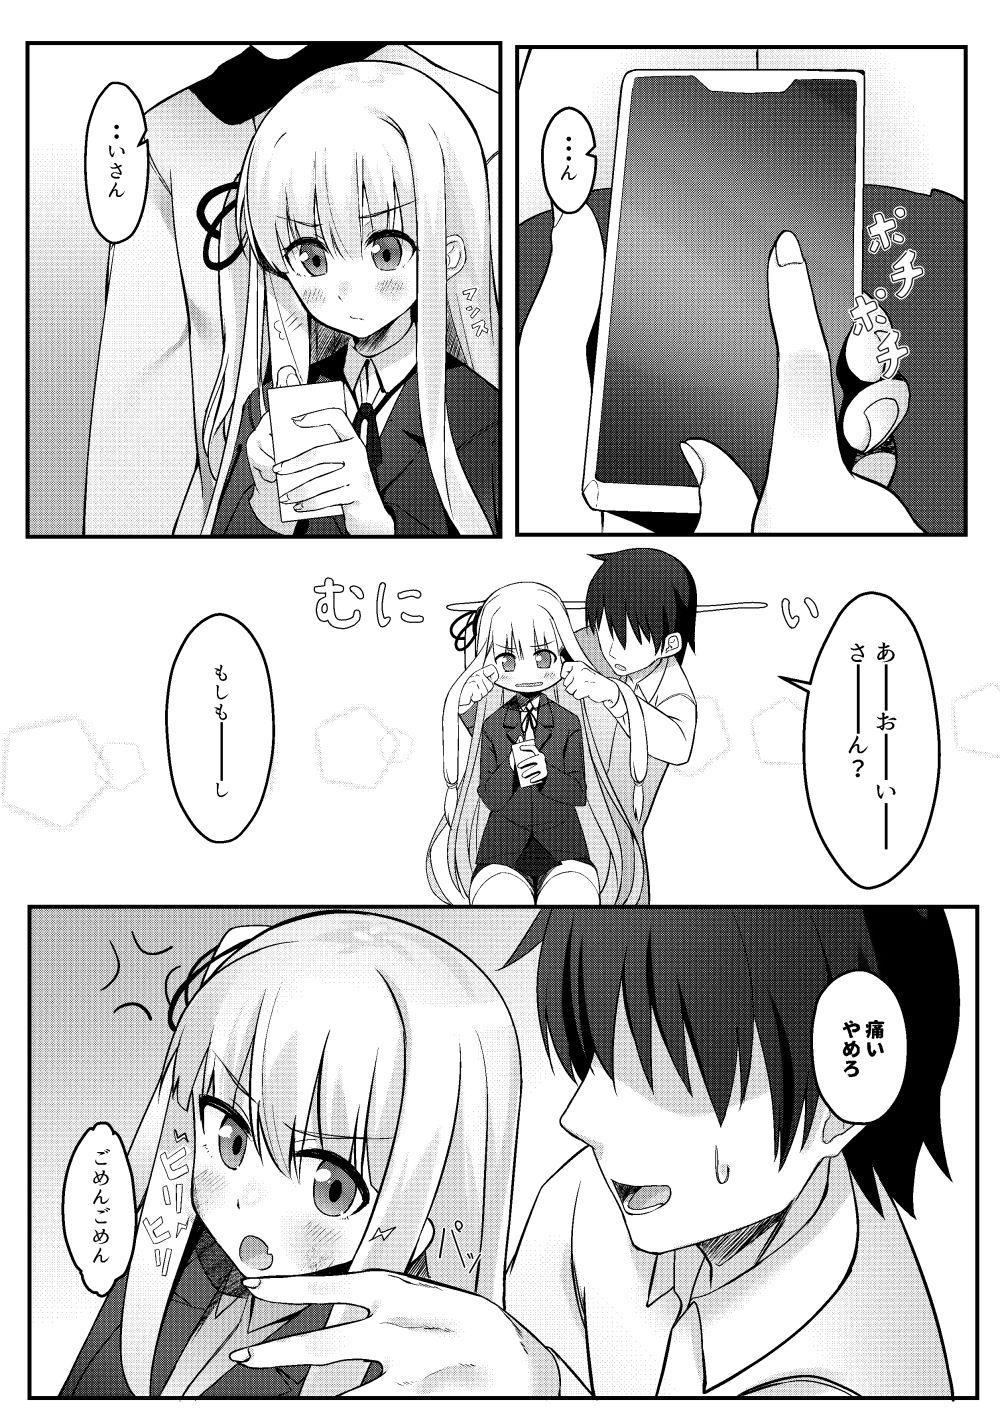 葵ちゃんは晴らしたい エロアニメ画像